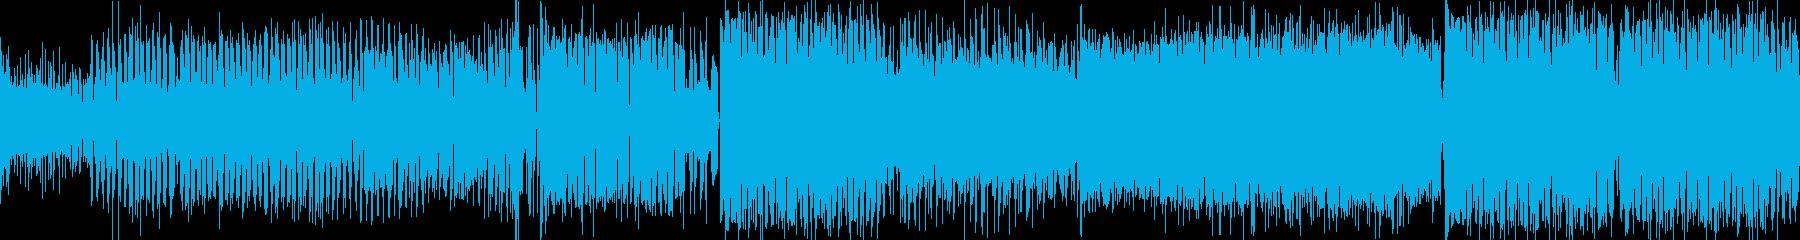 [テンポの良い硬質系クラブミュージック]の再生済みの波形